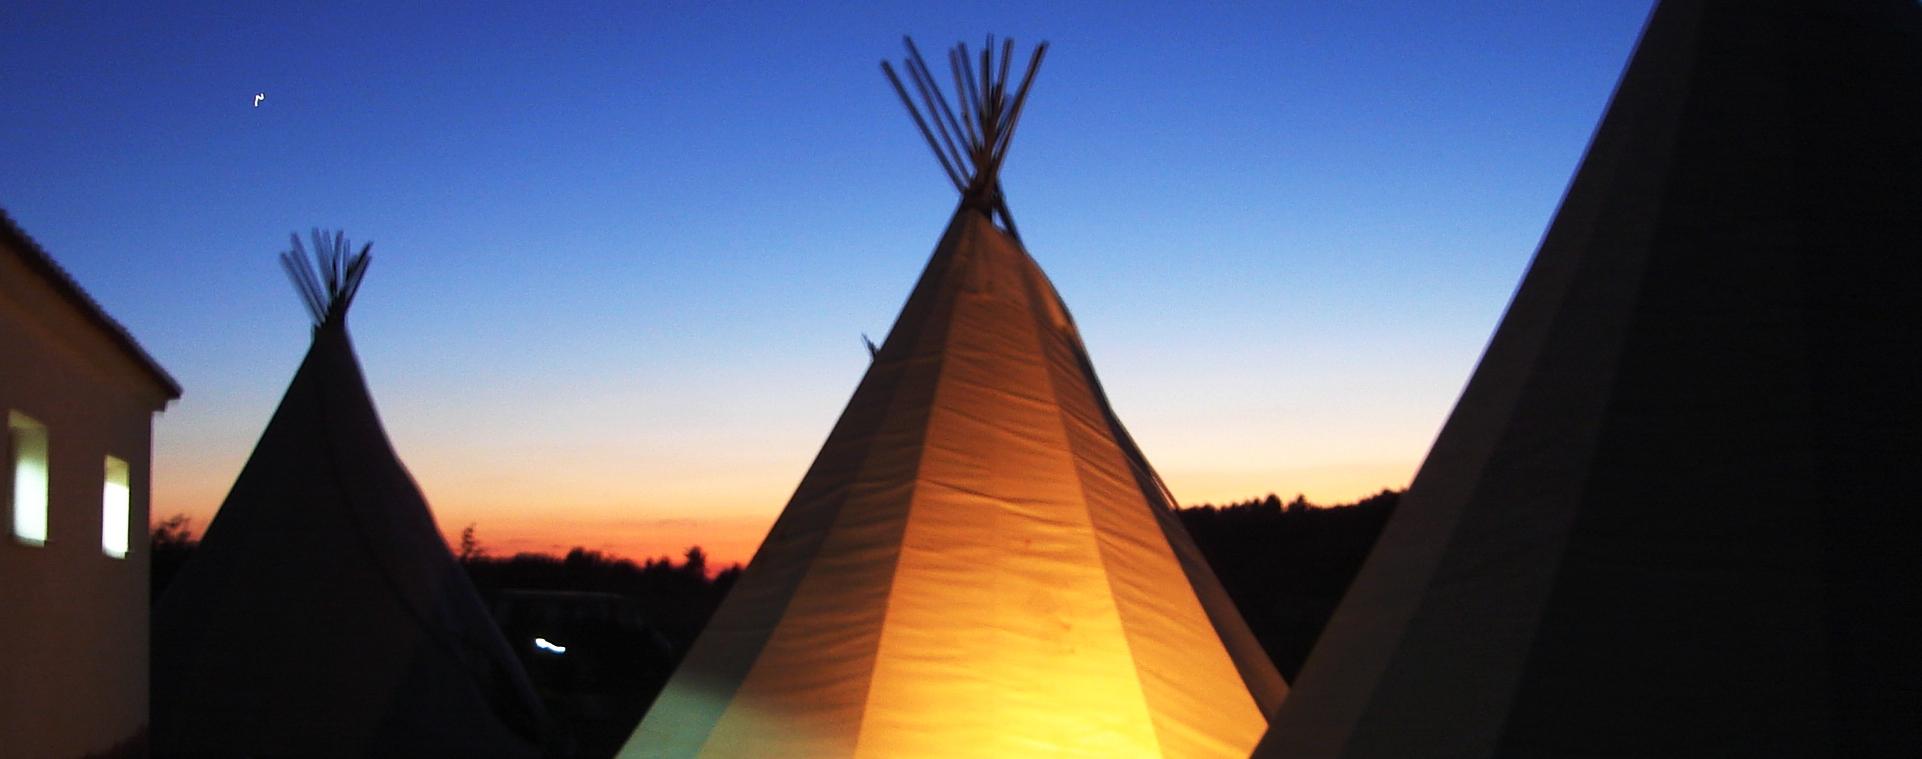 Campamento de aventura en verano